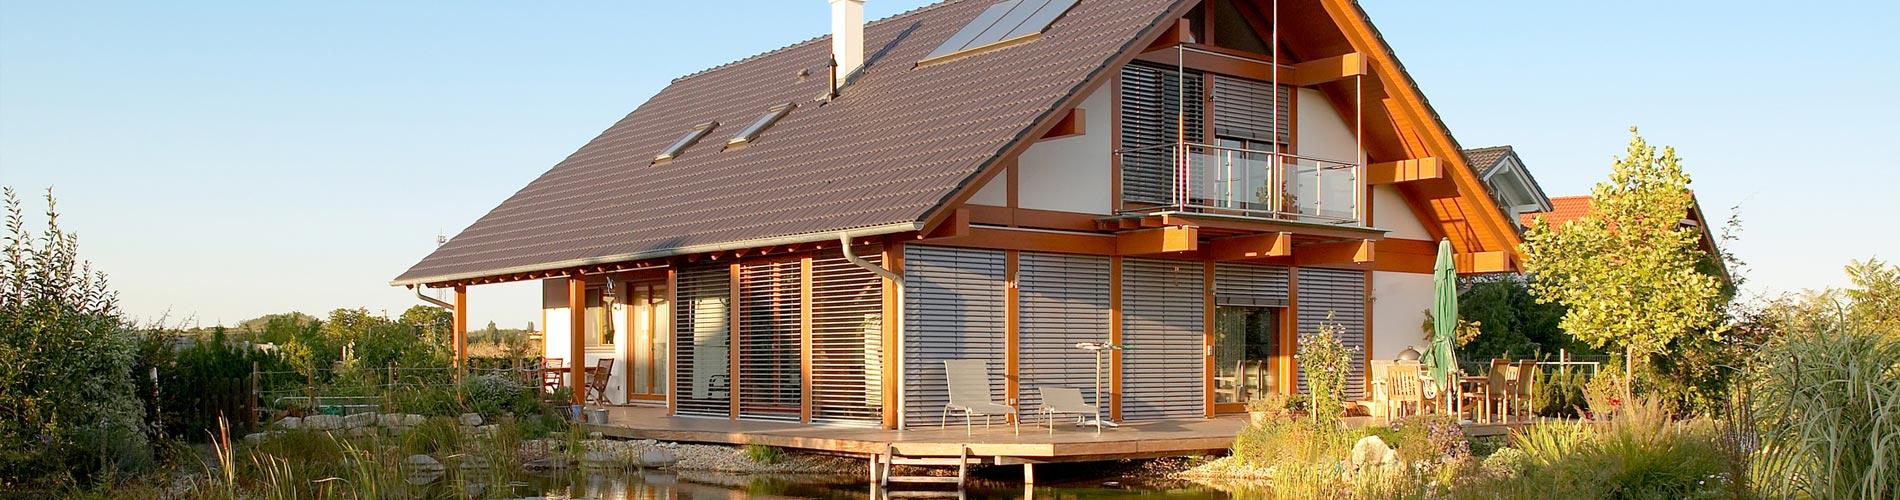 maison cologique construction des habitats cologiques et fonctionnement. Black Bedroom Furniture Sets. Home Design Ideas